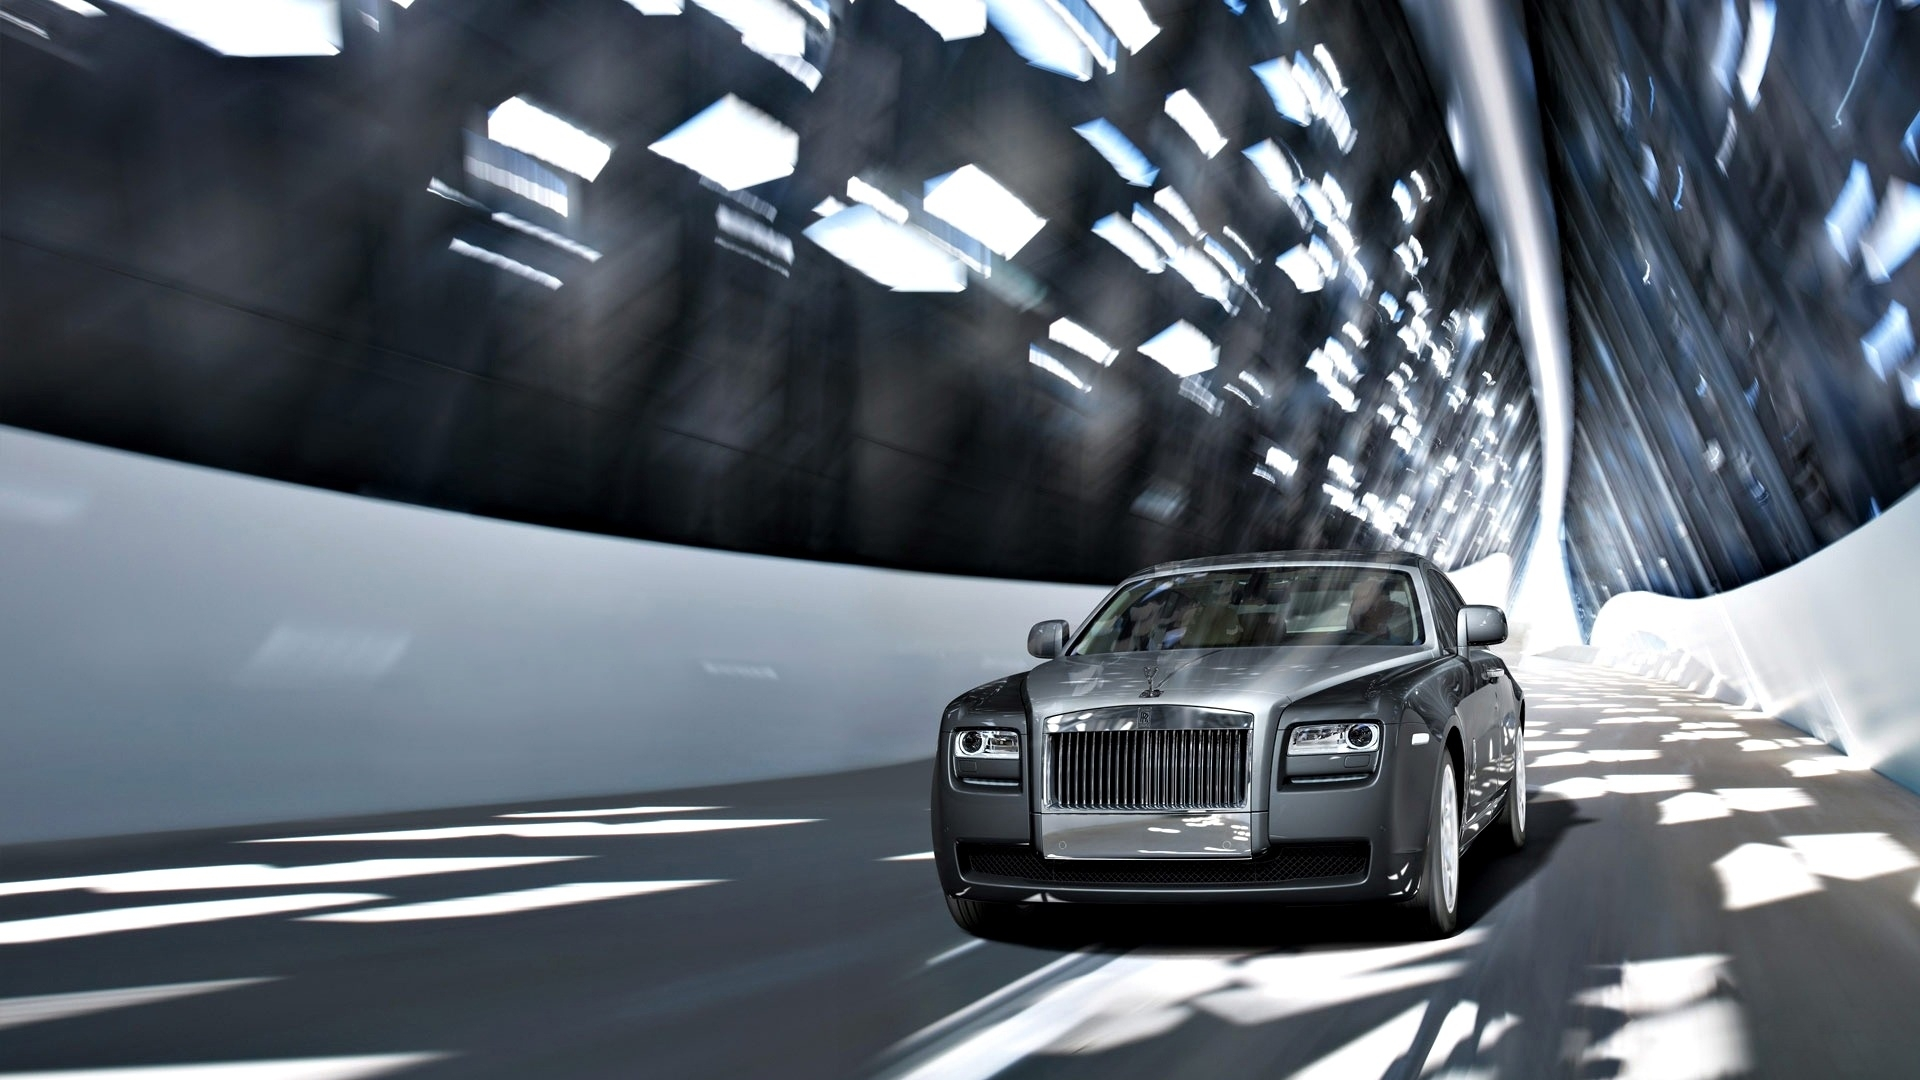 40697 скачать обои Транспорт, Машины, Ролс Ройс (Rolls-Royce) - заставки и картинки бесплатно